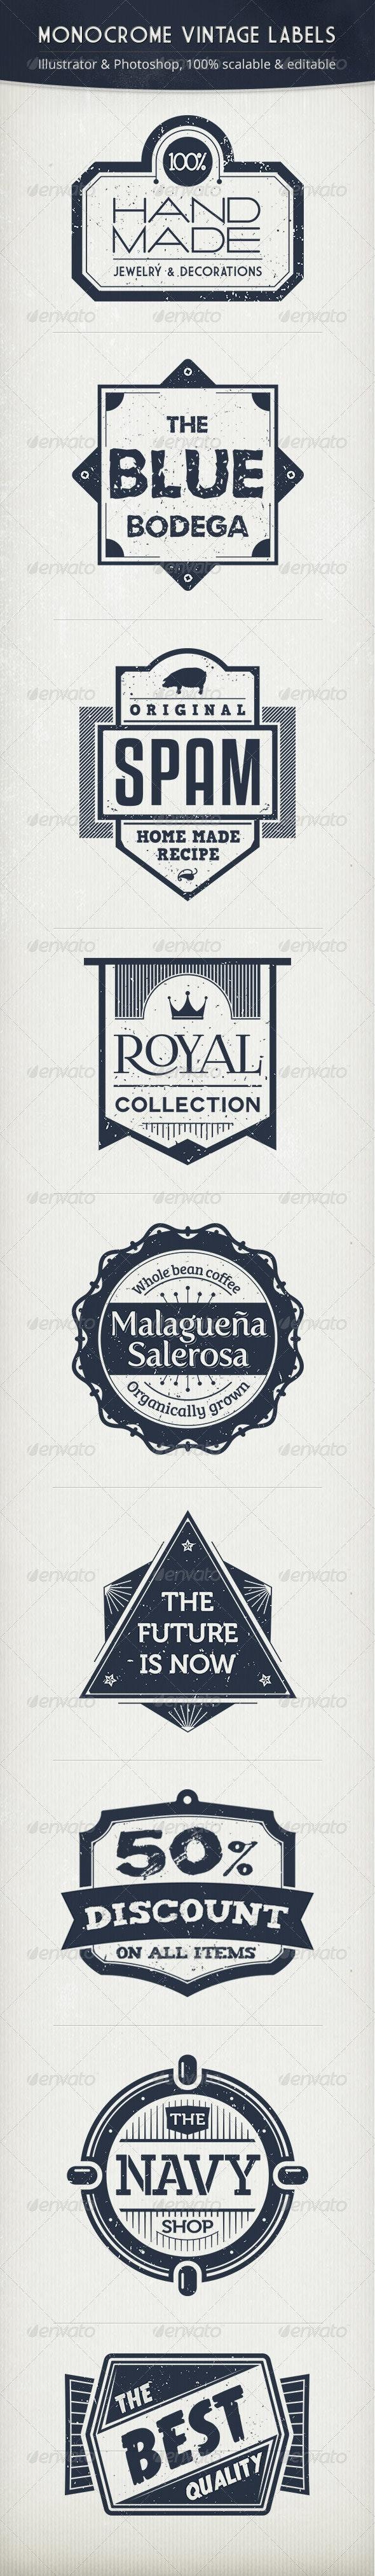 Monochrome Vintage Labels - Badges & Stickers Web Elements